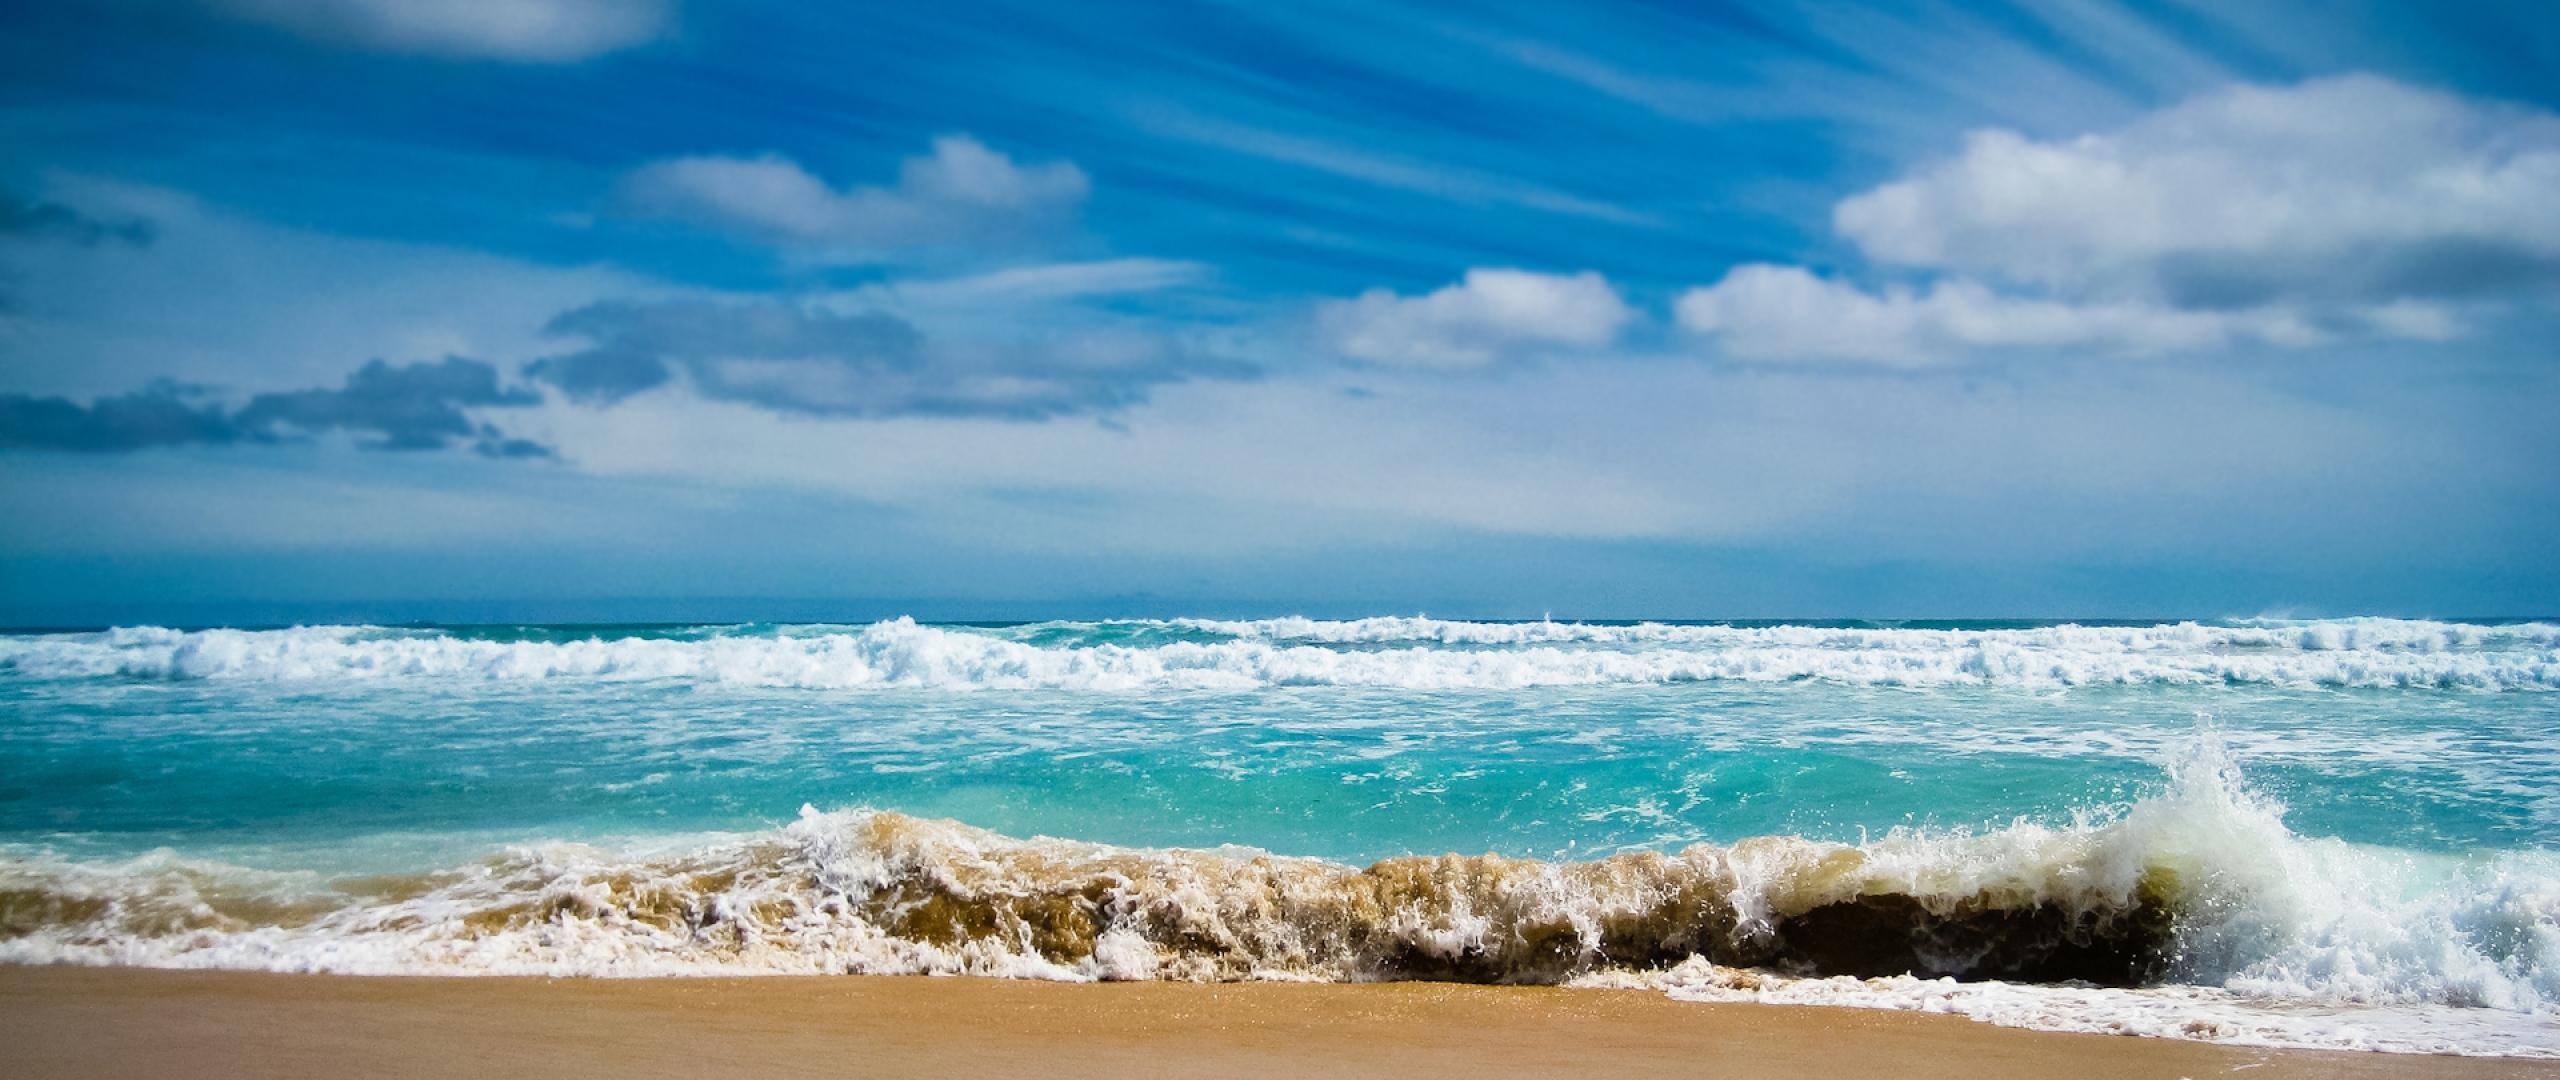 1080x960 water ocean - photo #24